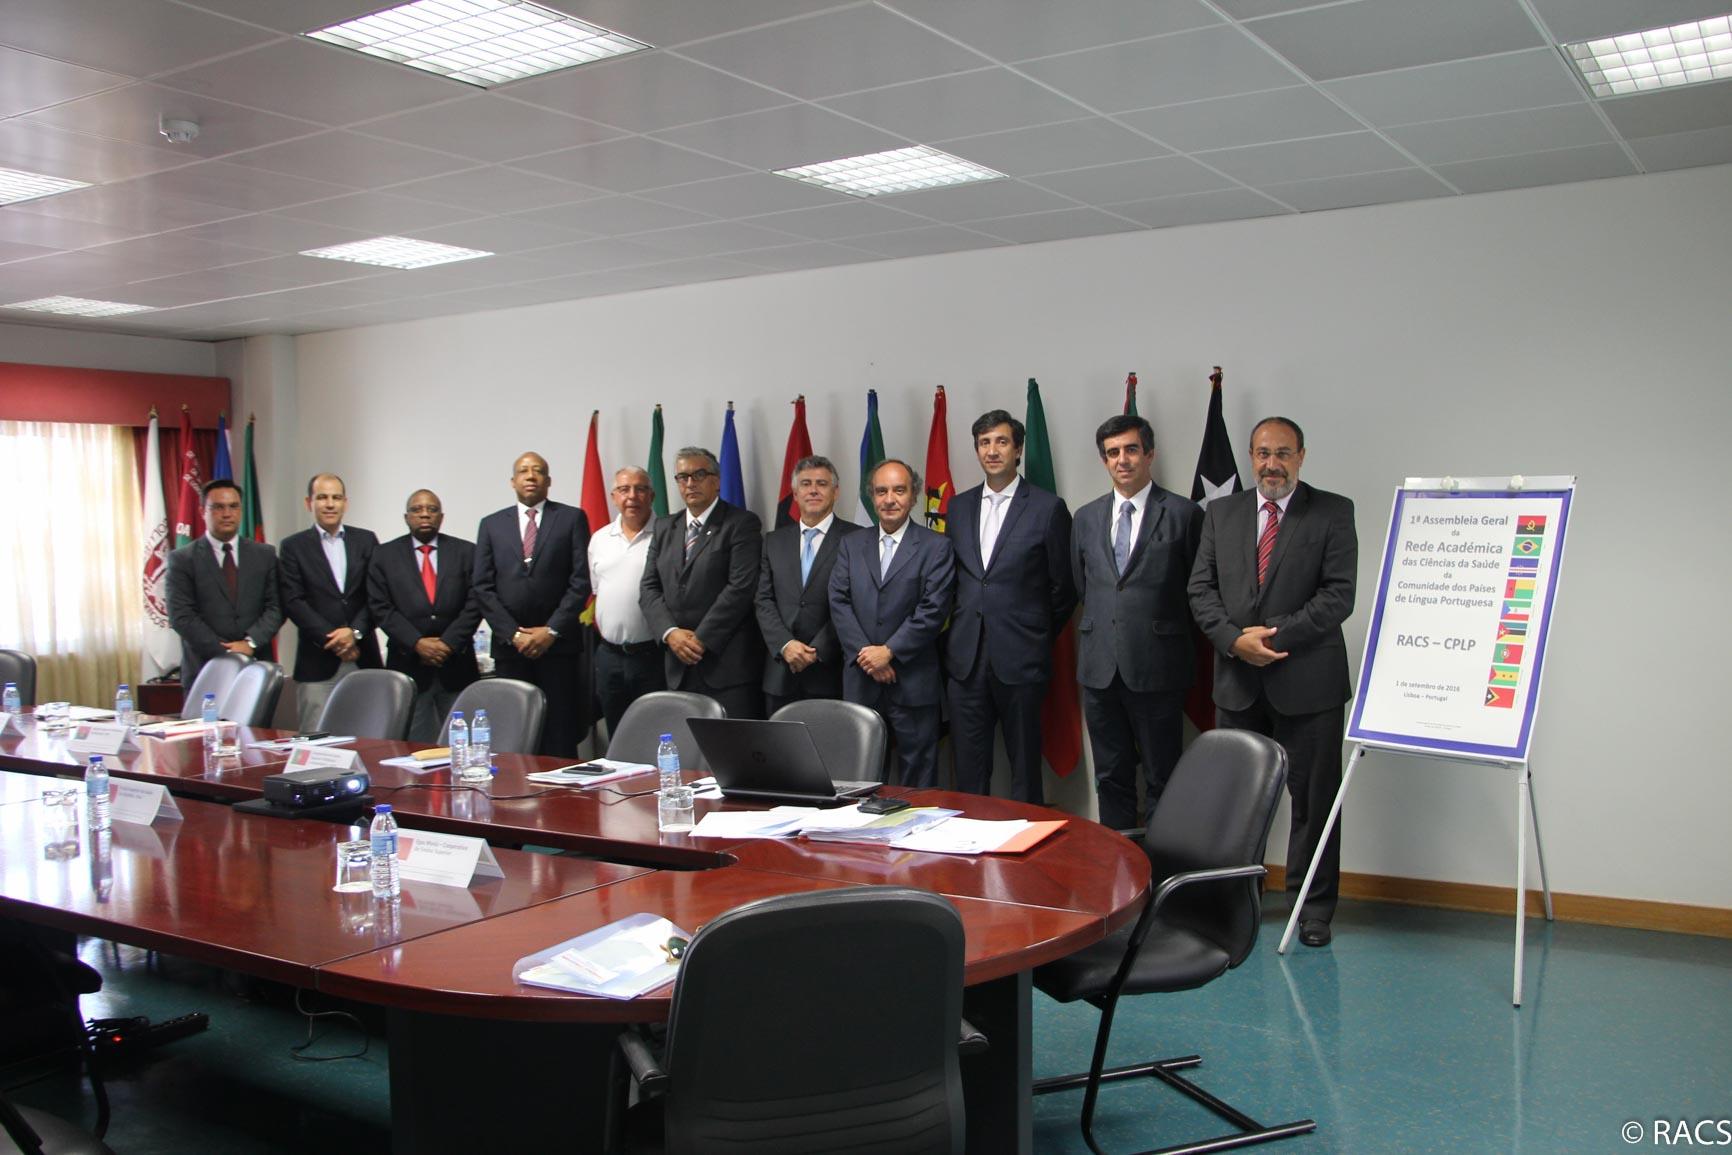 1ª Assembleia Geral da Rede Académica das Ciências da Saúde